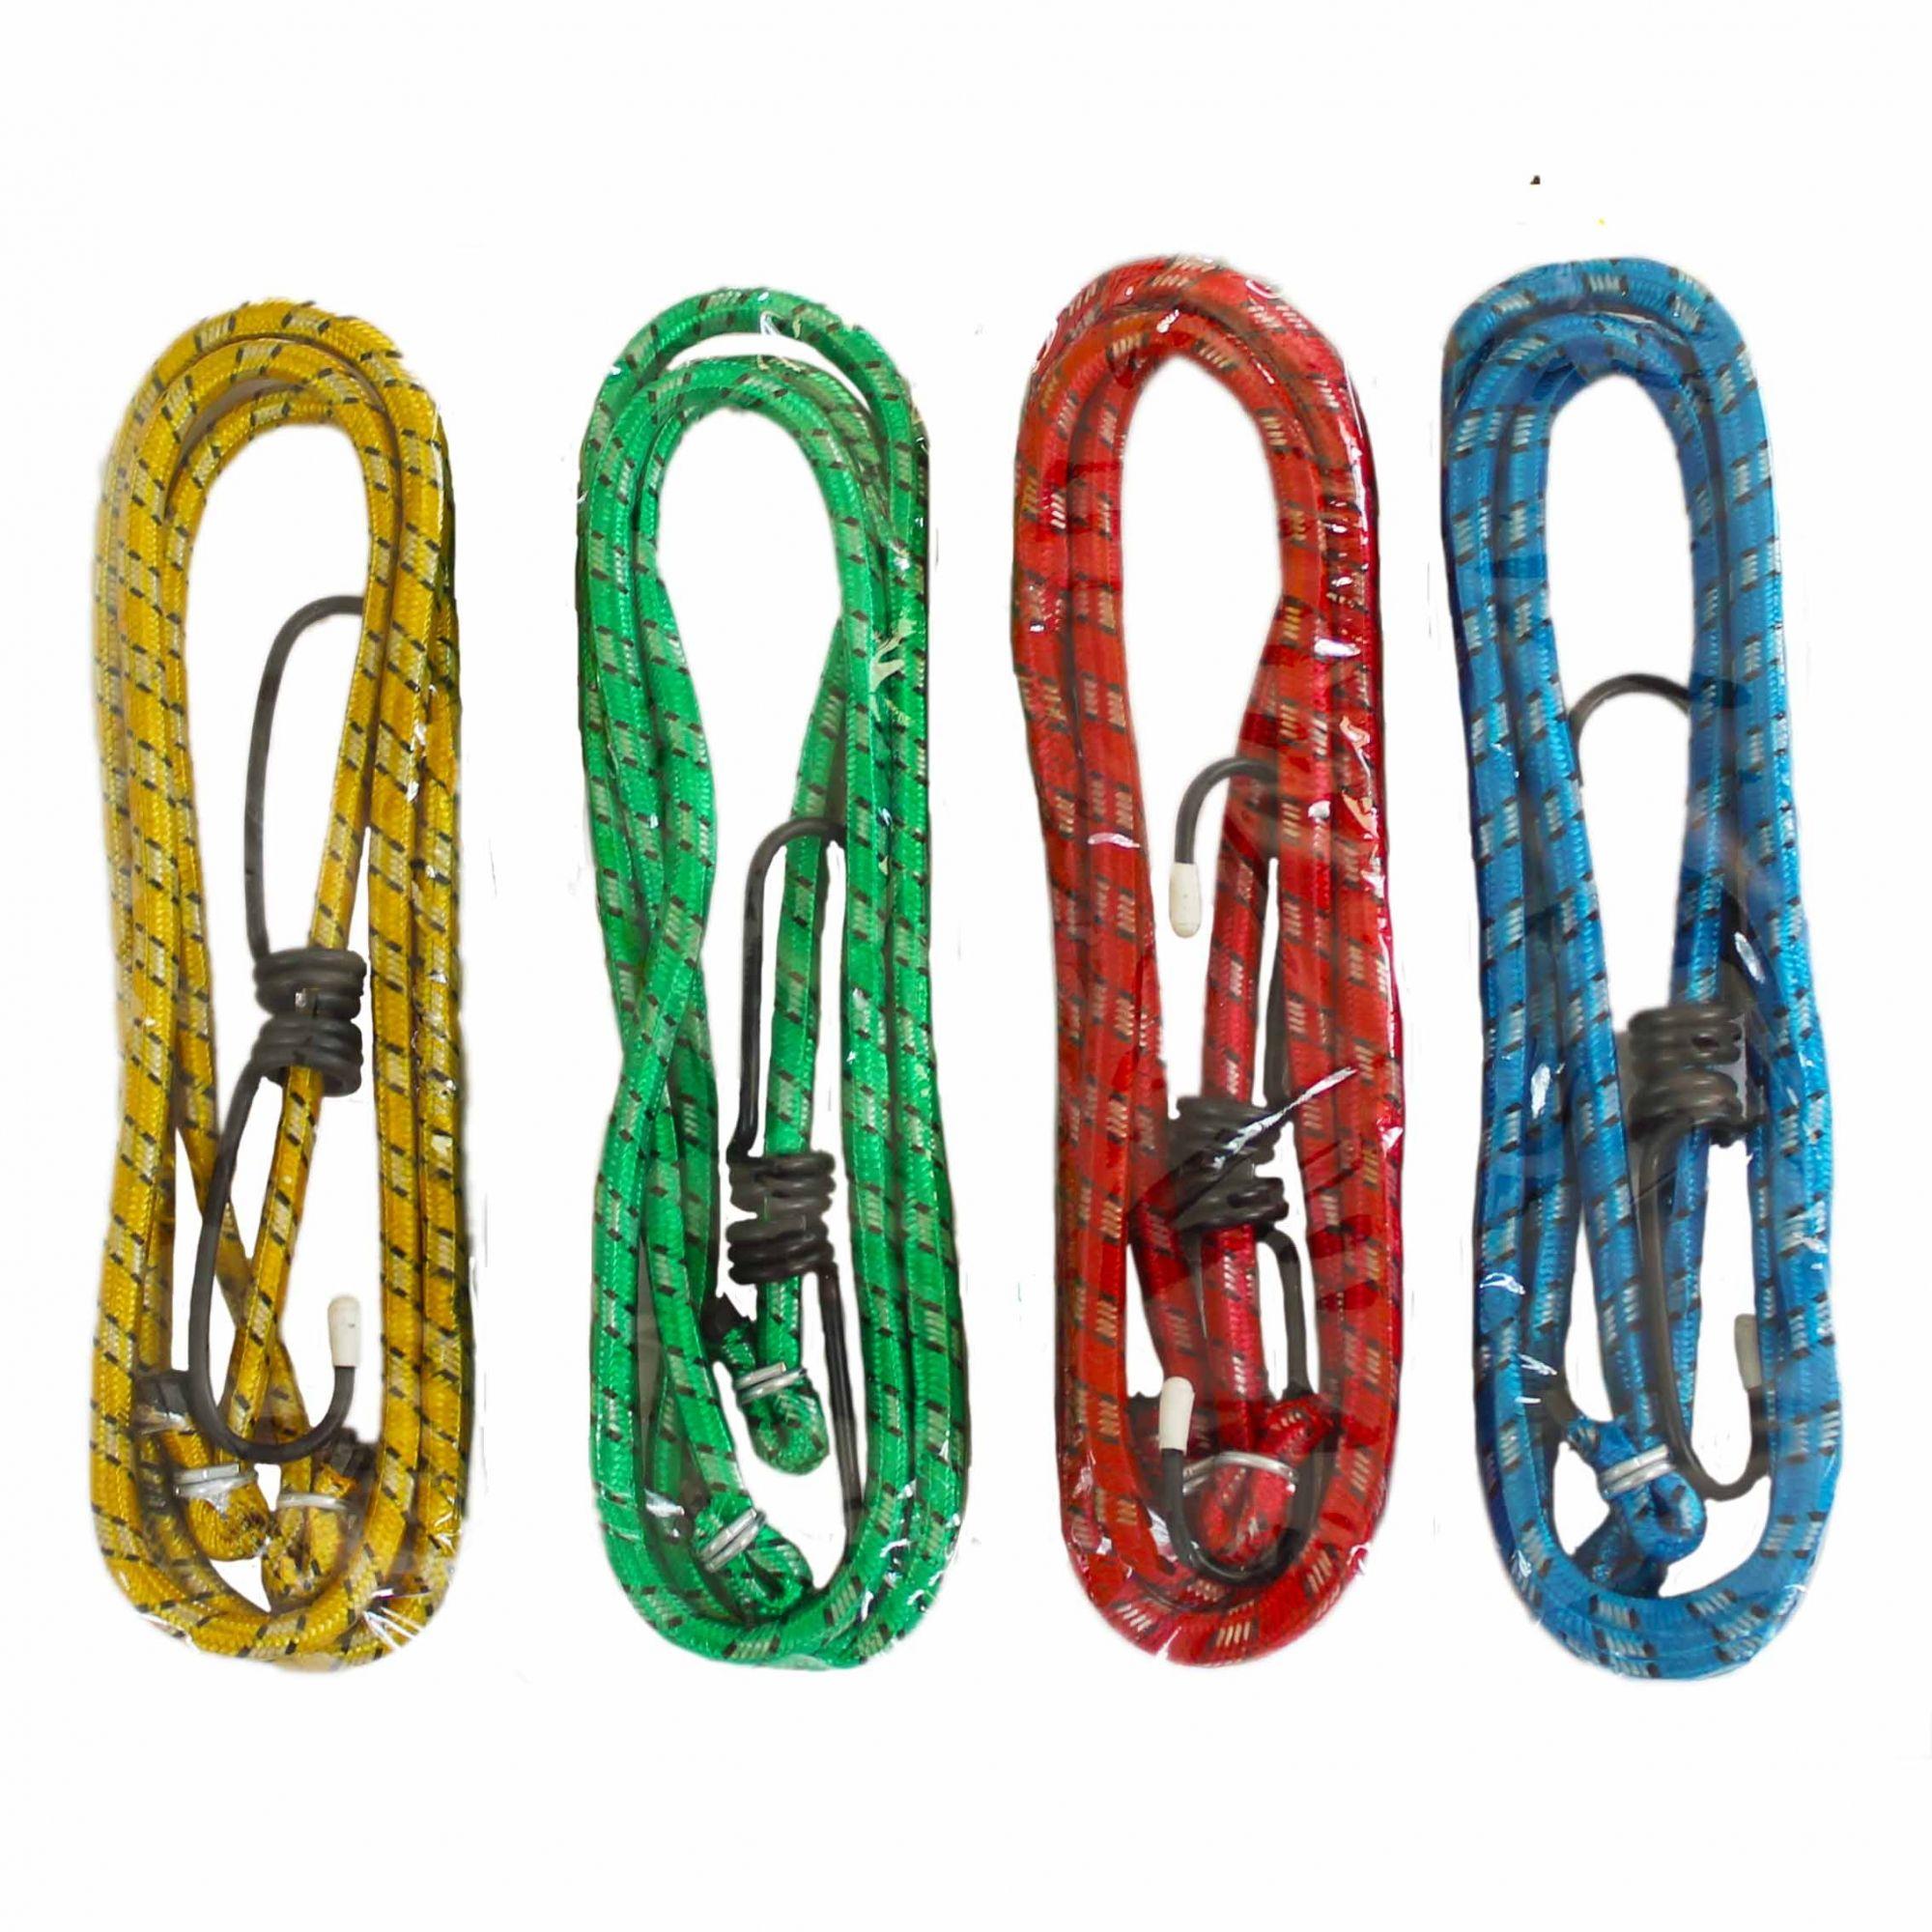 Elástico para Bagageiro 1,5 mts  Embalagem com 04 cordas